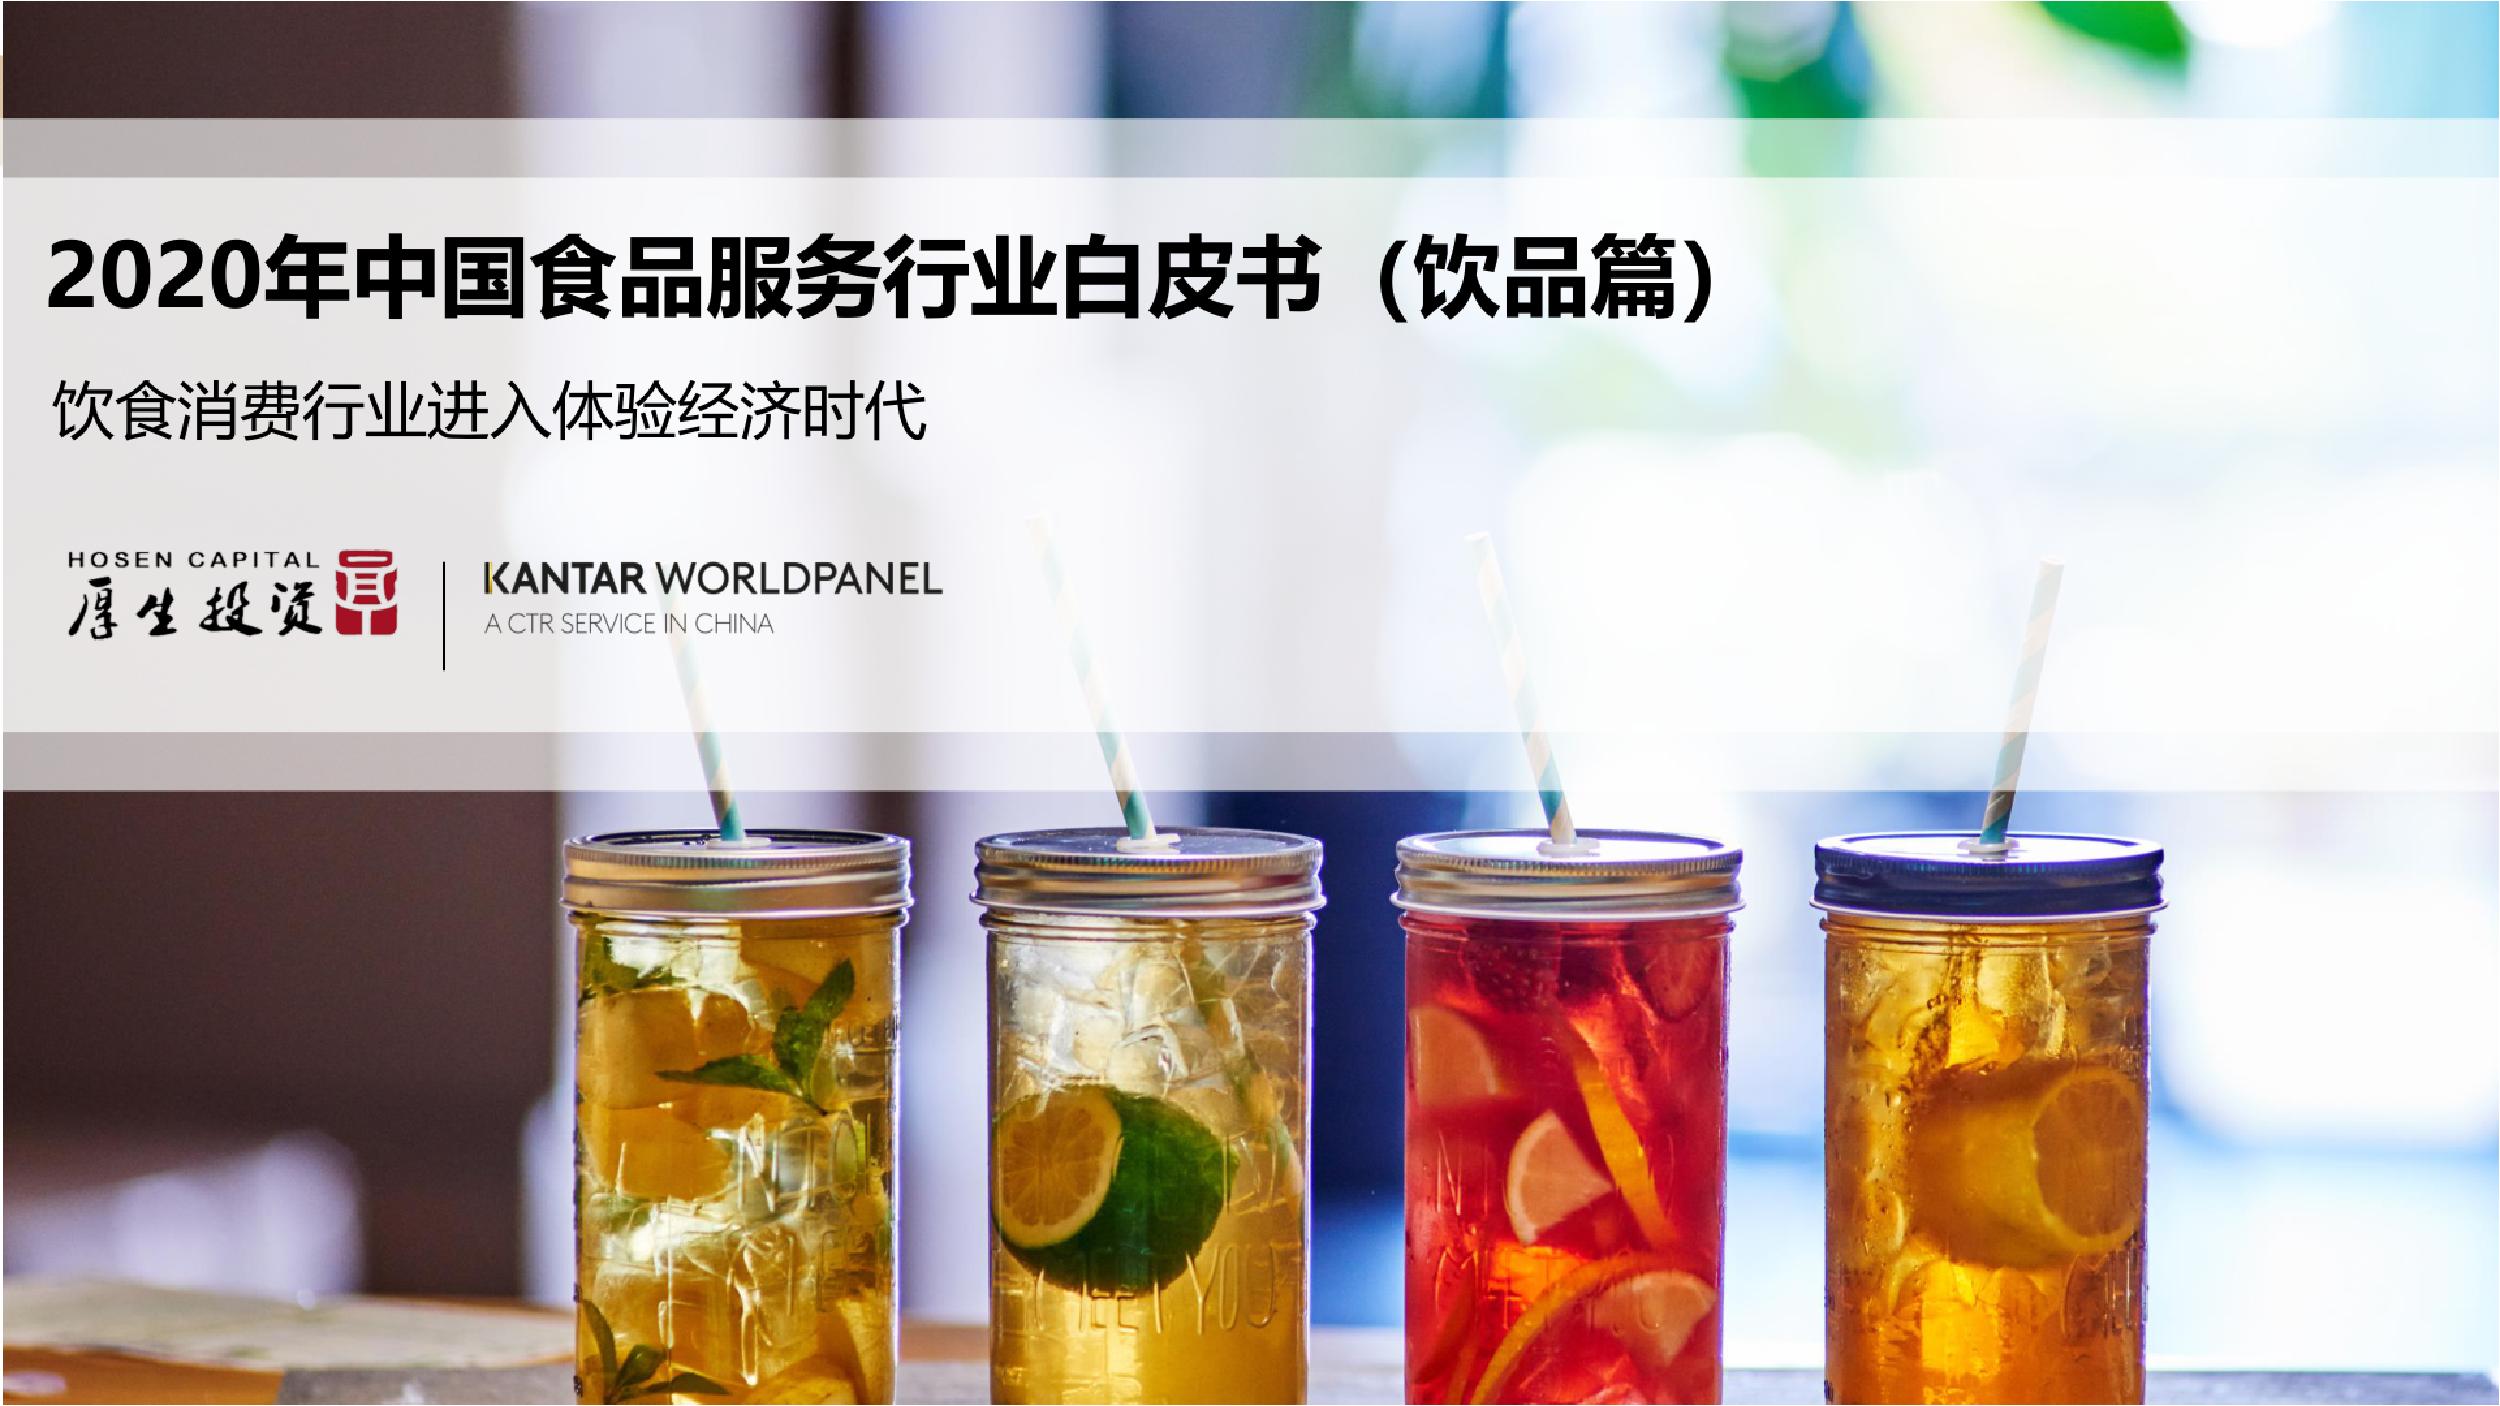 2020年中国食品服务行业白皮书(饮品篇)